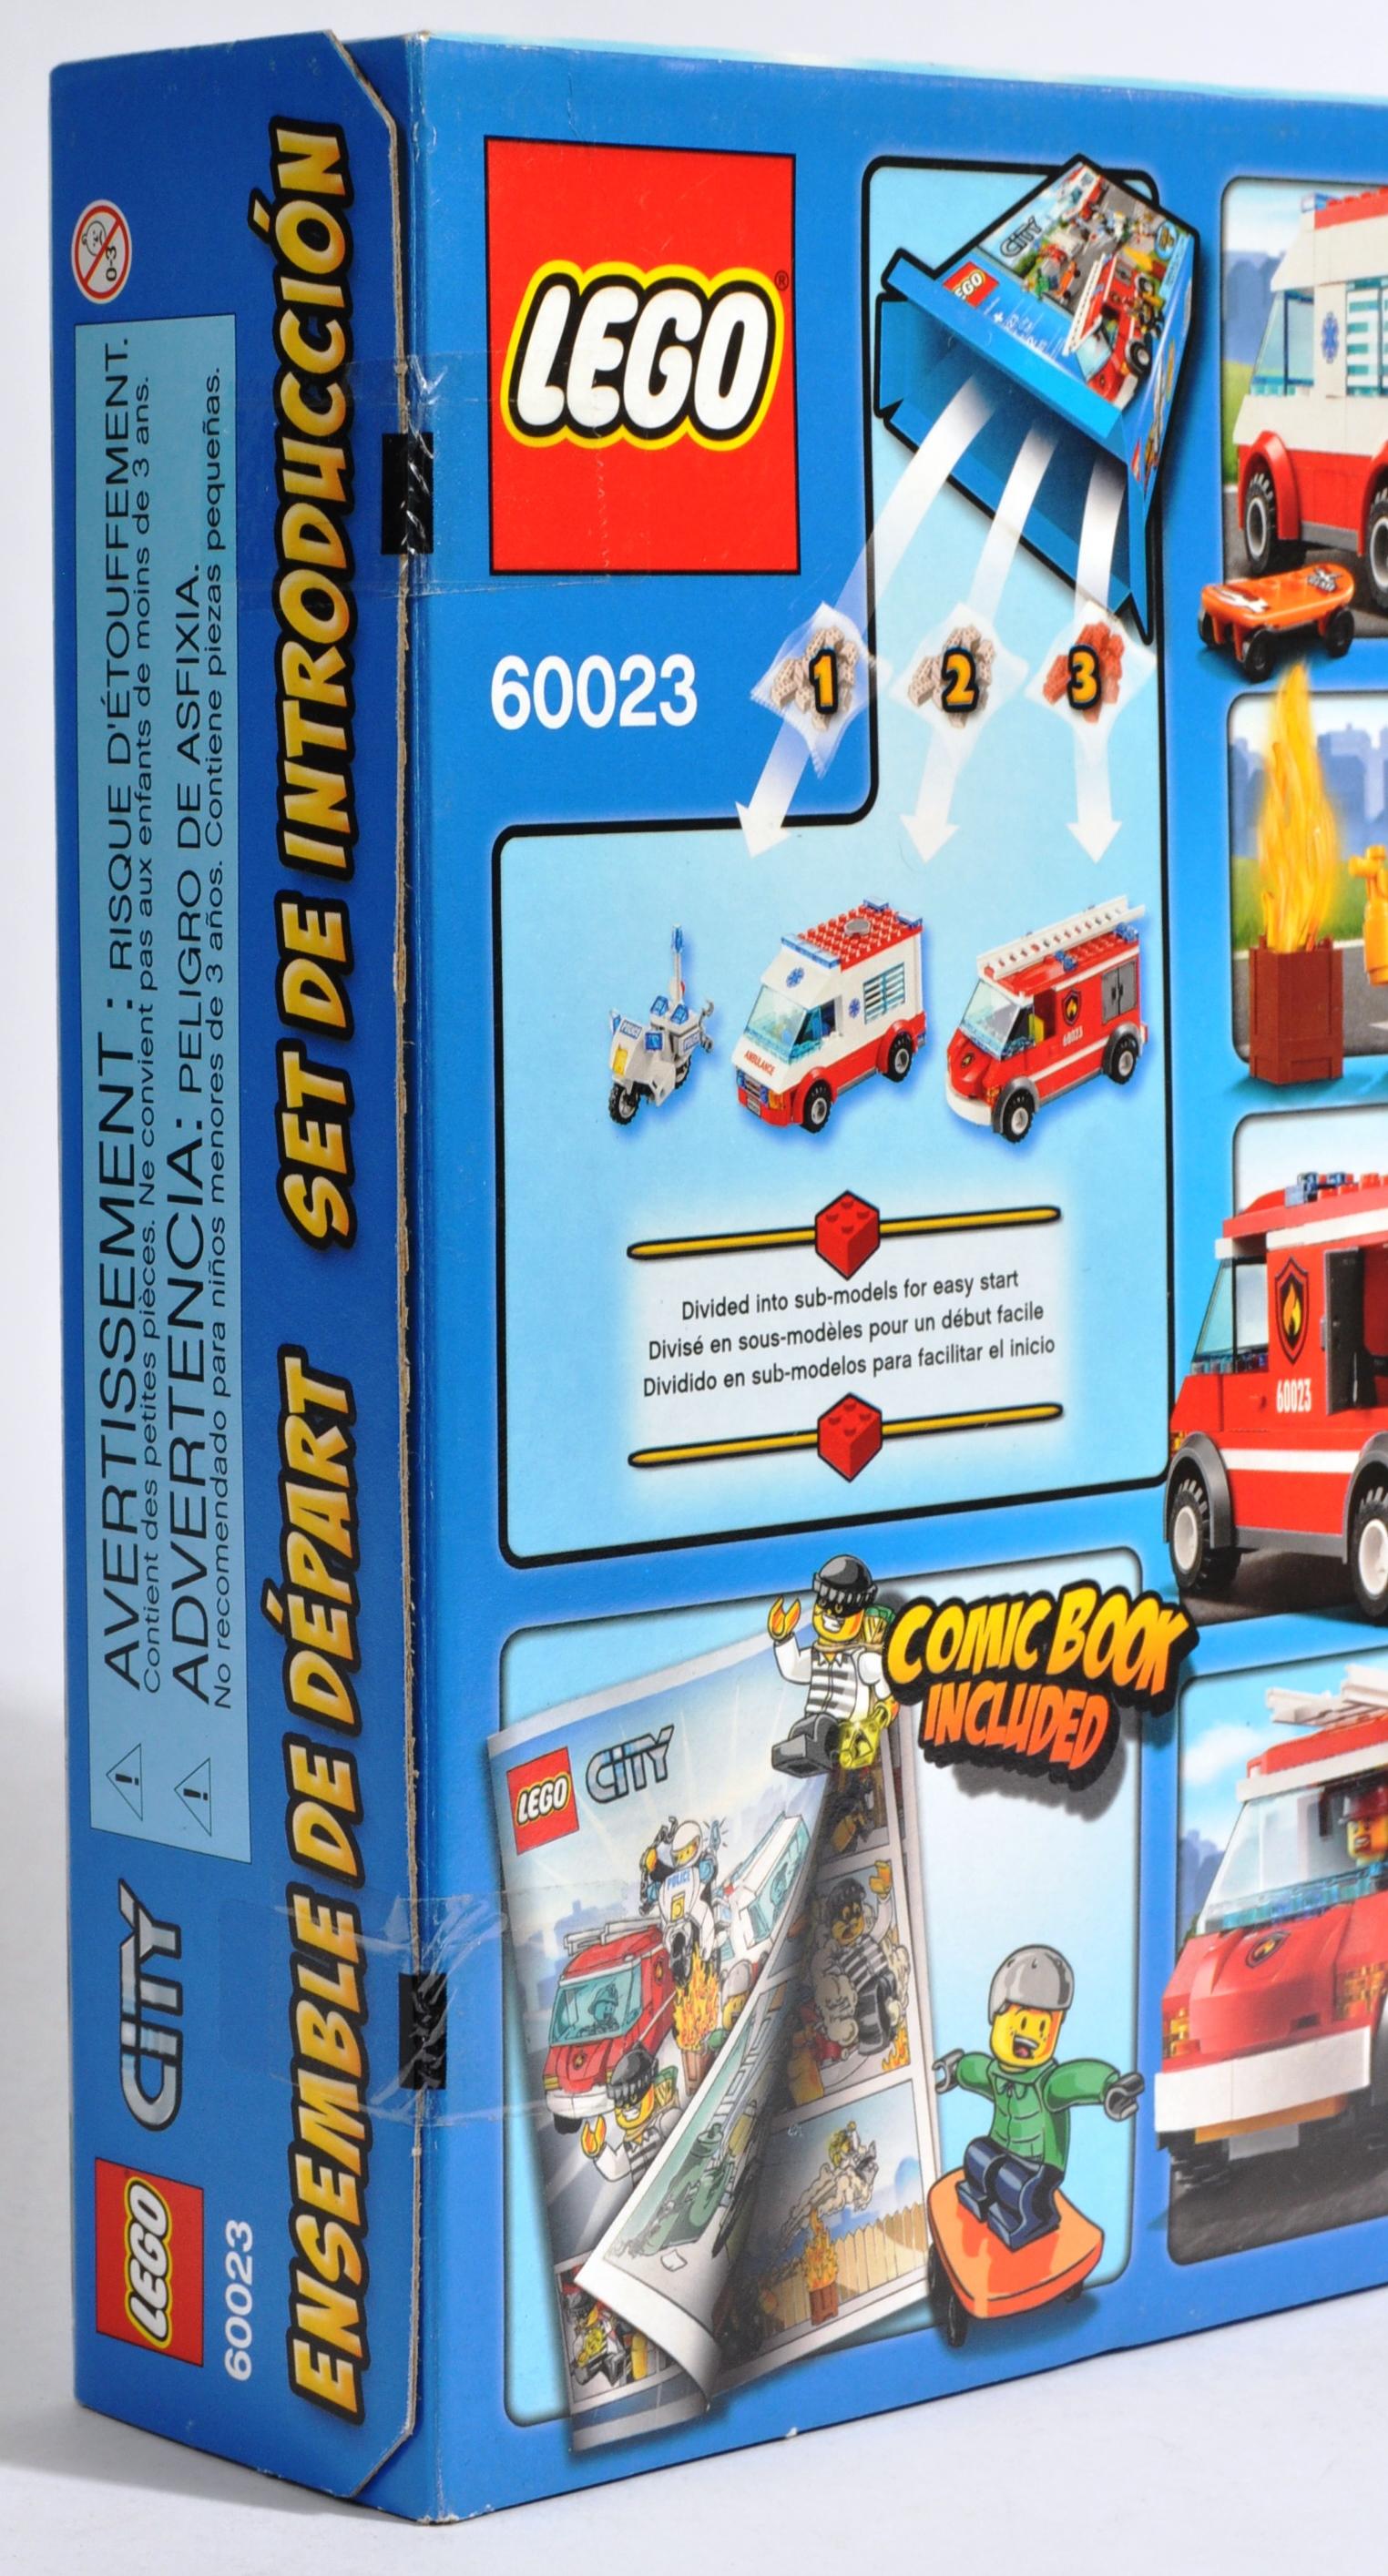 LEGO SETS - LEGO CITY - 60023 / 60056 / 60223 - Image 6 of 11